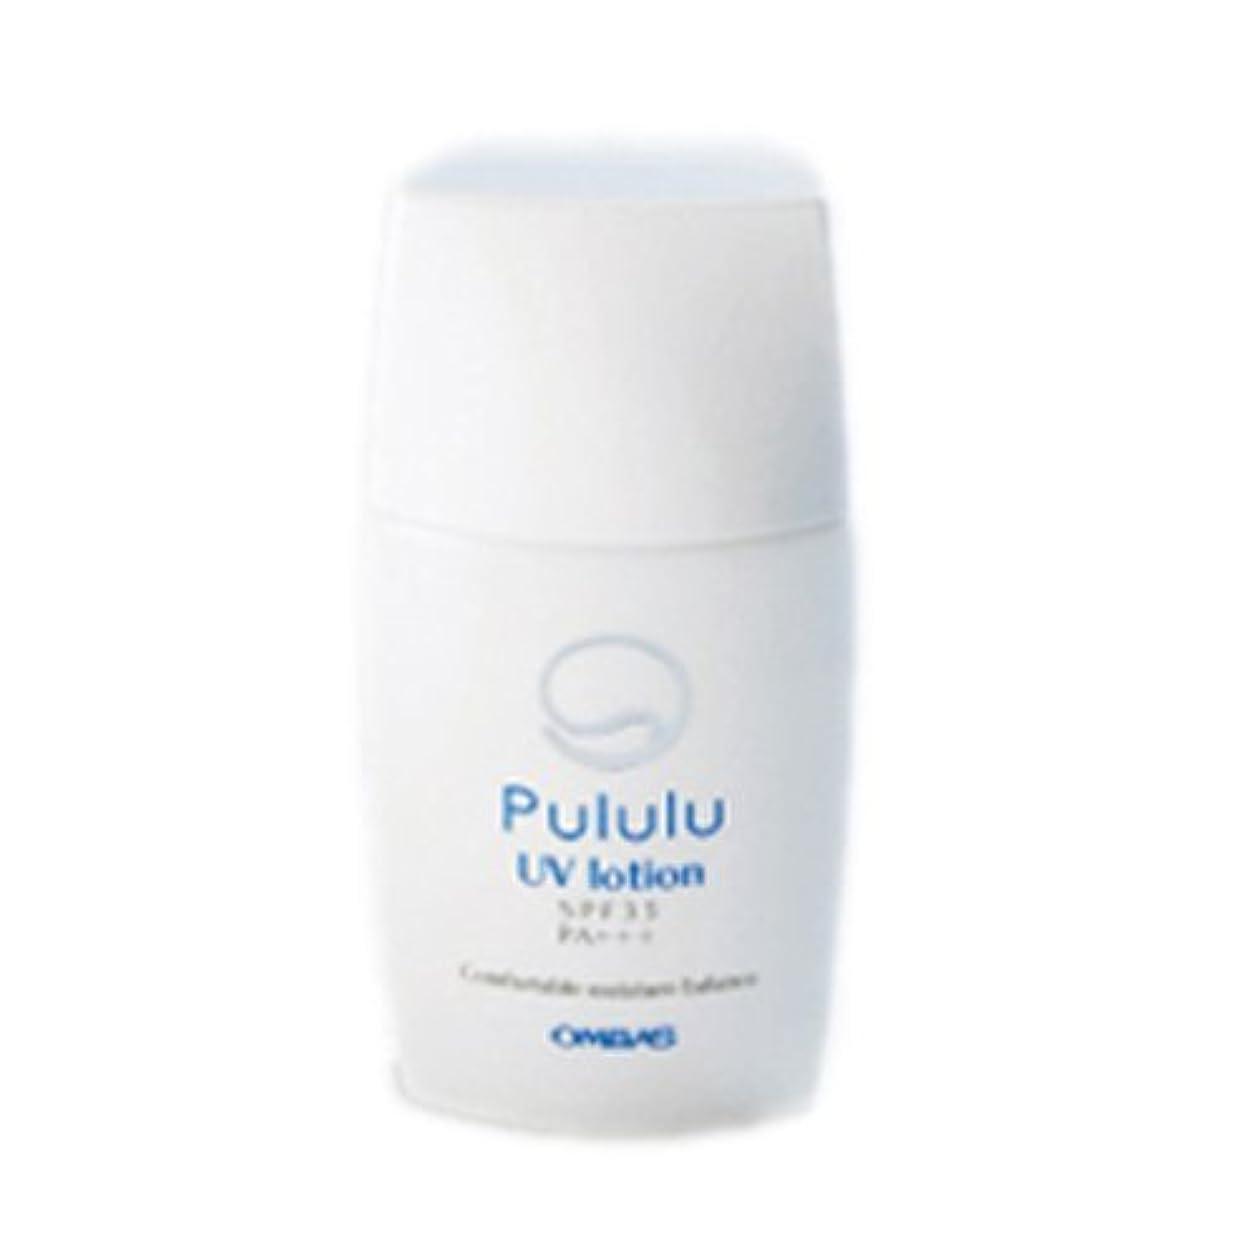 生物学膨らませる軍隊Pululu シリーズ Pululu UVローション